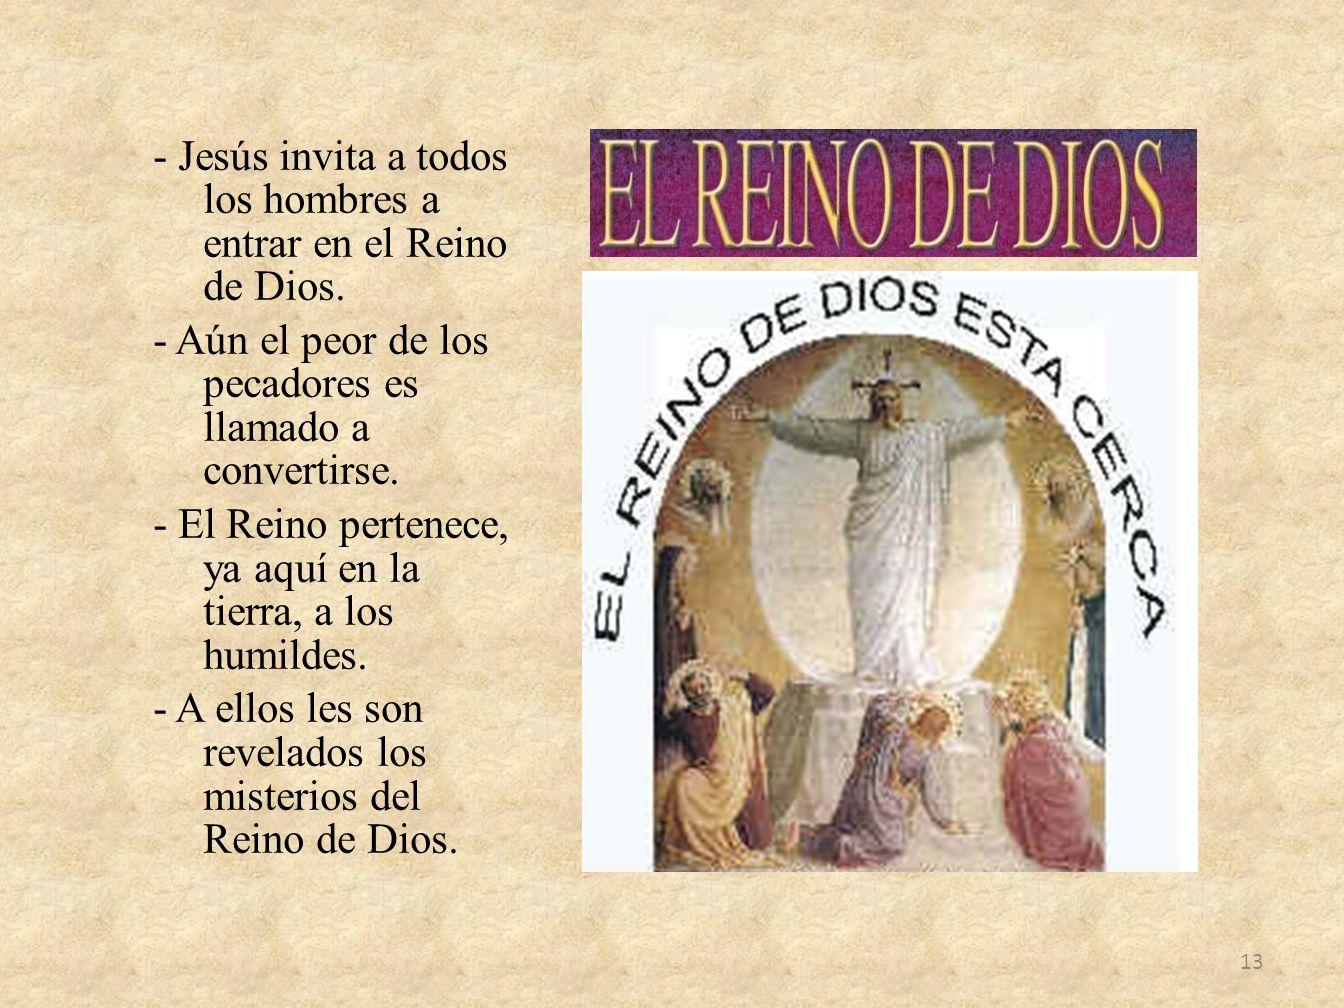 - Jesús invita a todos los hombres a entrar en el Reino de Dios